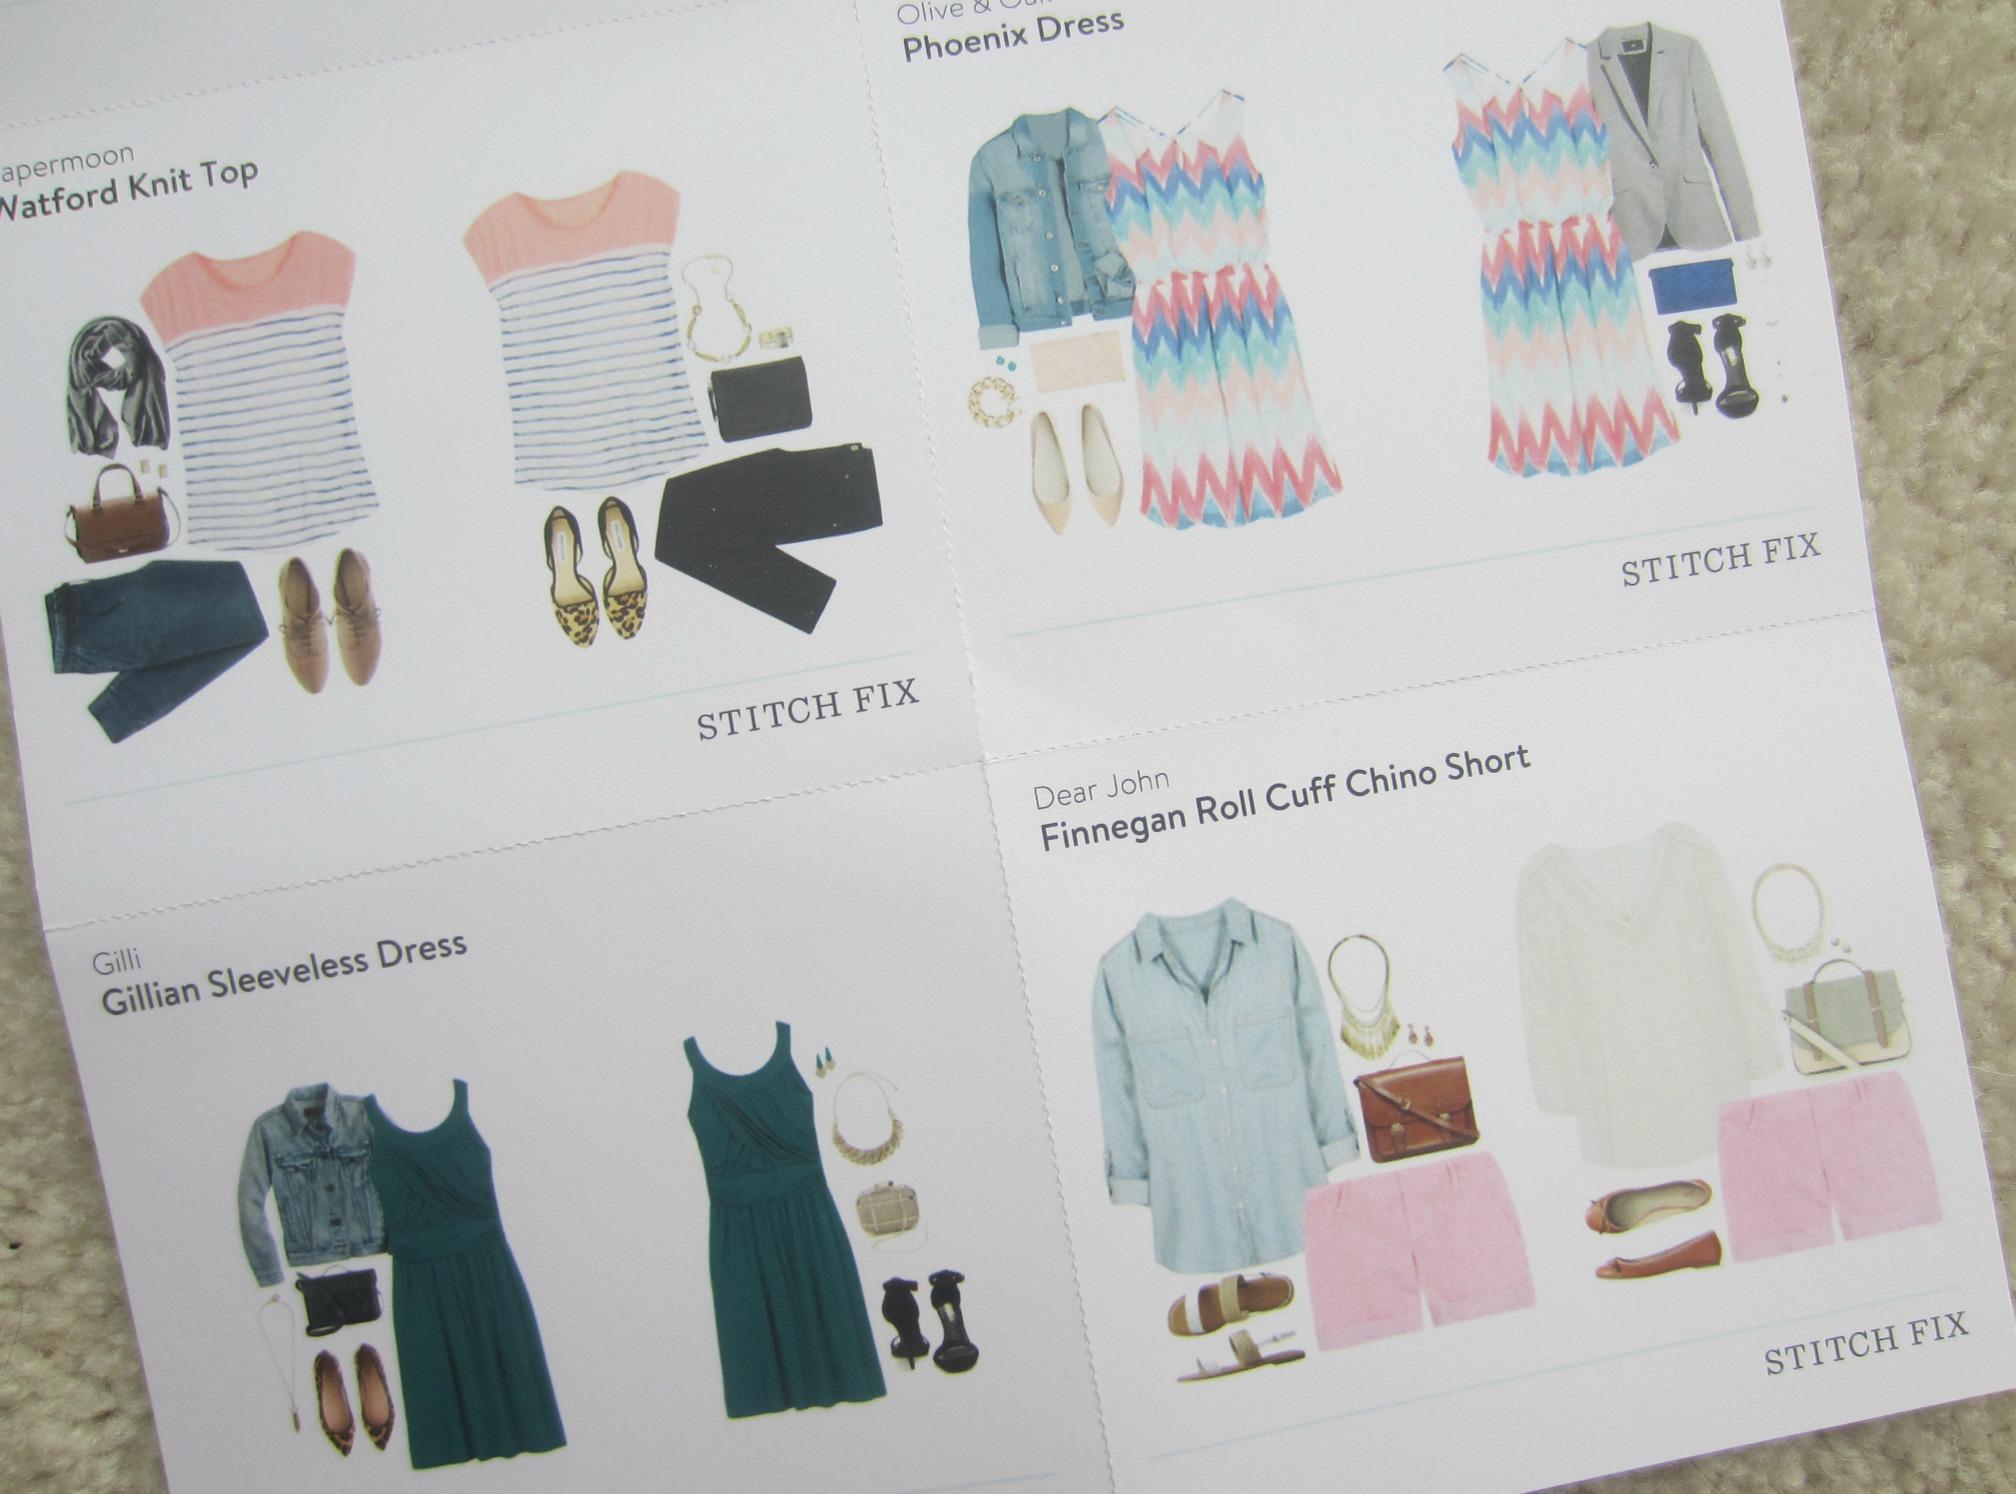 stitch fix styling fashion sheet